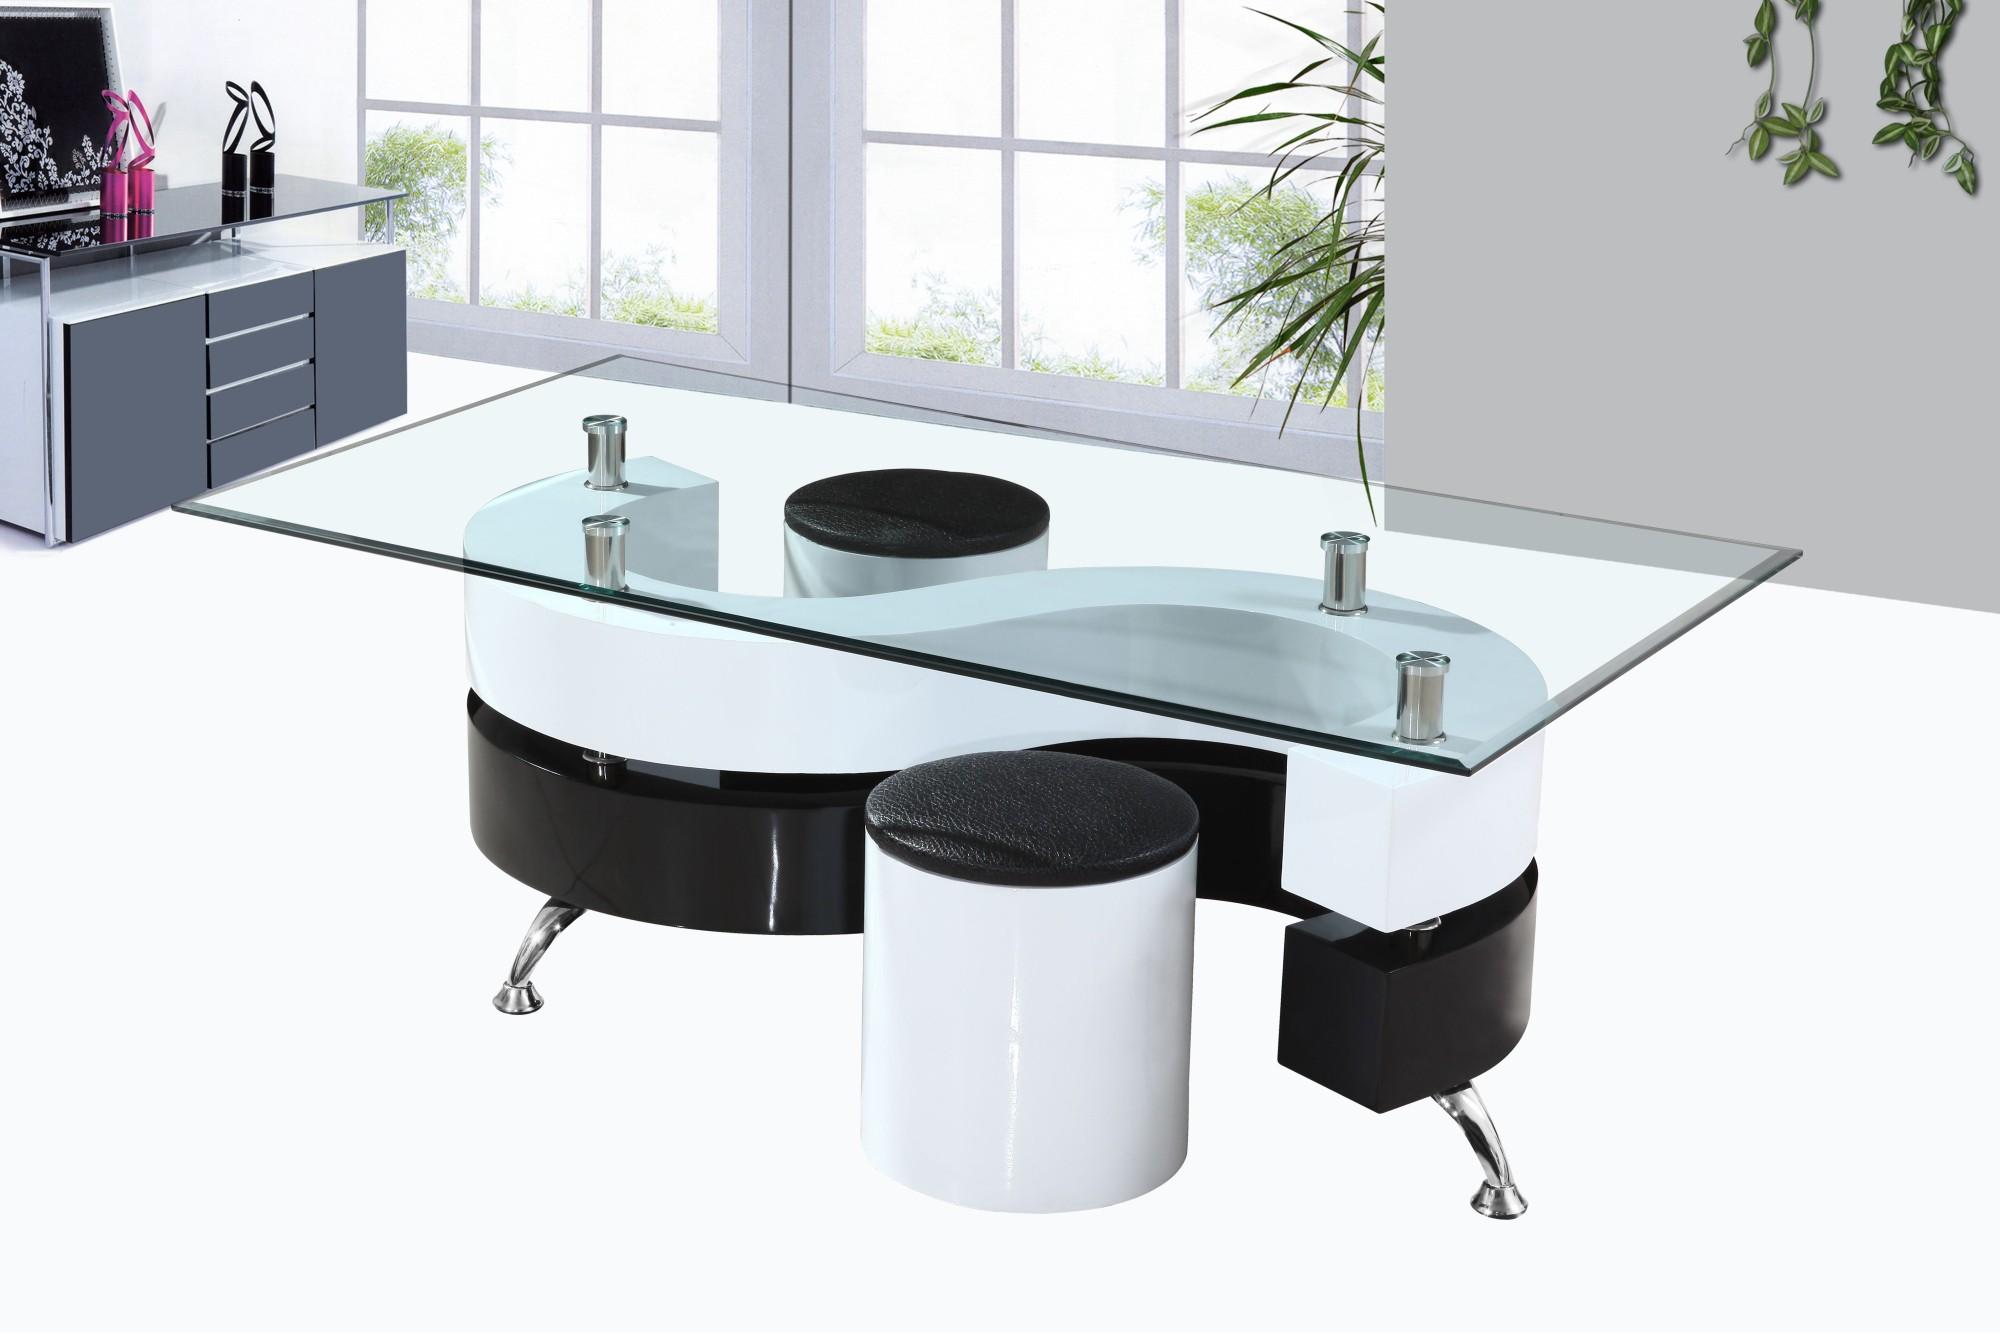 Table basse fer forgé avec pouf